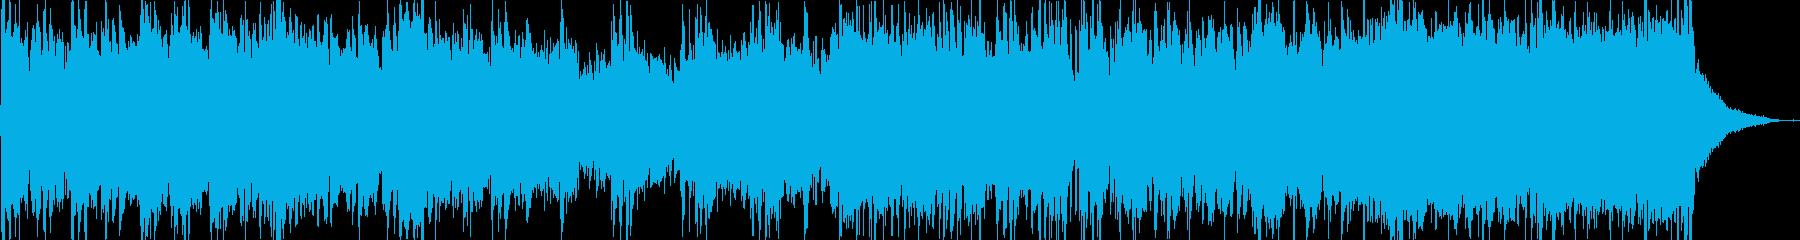 映画・ゲーム用バトルBGM34の再生済みの波形